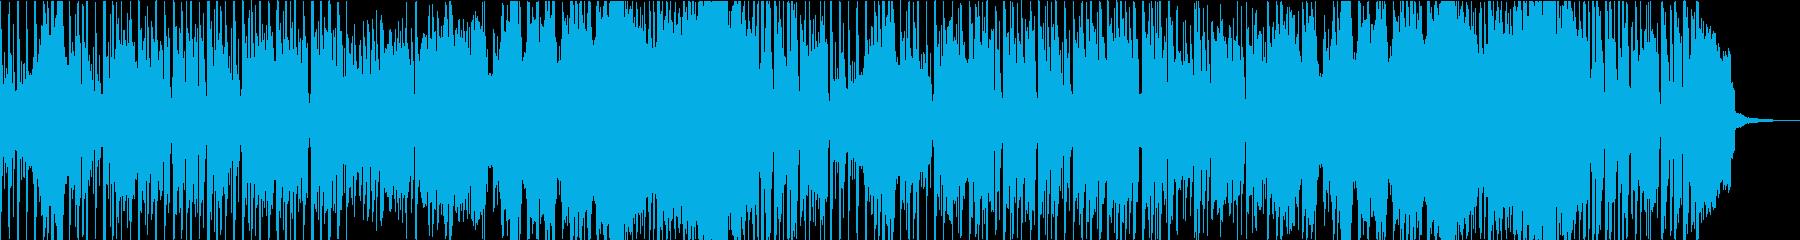 オープニングや切り替えに使える明るい曲の再生済みの波形